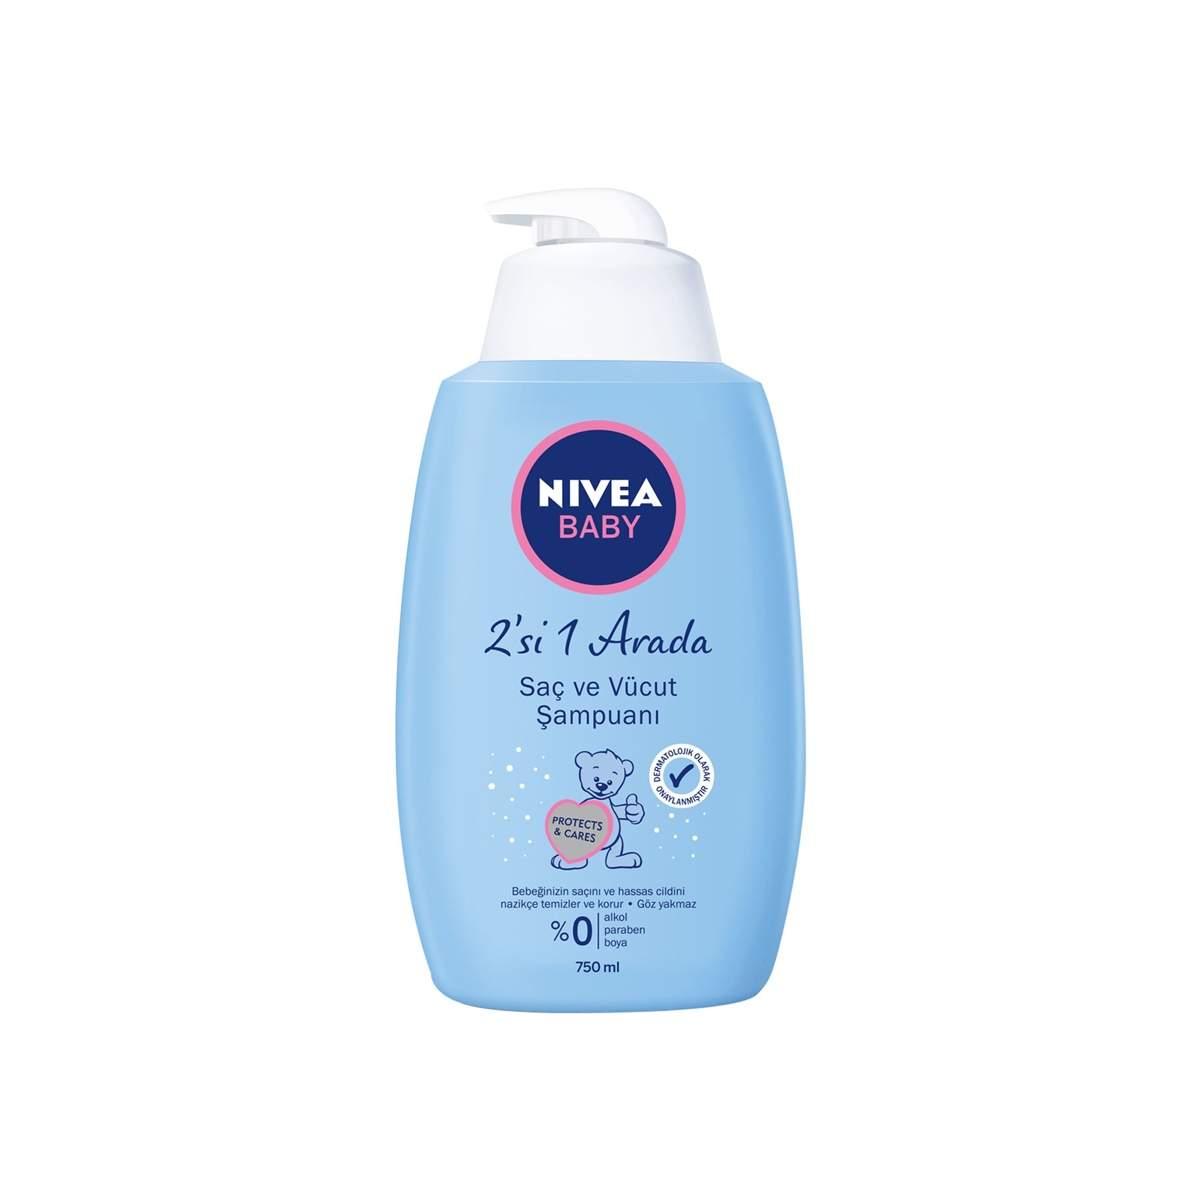 Nivea Baby 2si 1 Arada Saç ve Vücut Şampuanı 750 ML